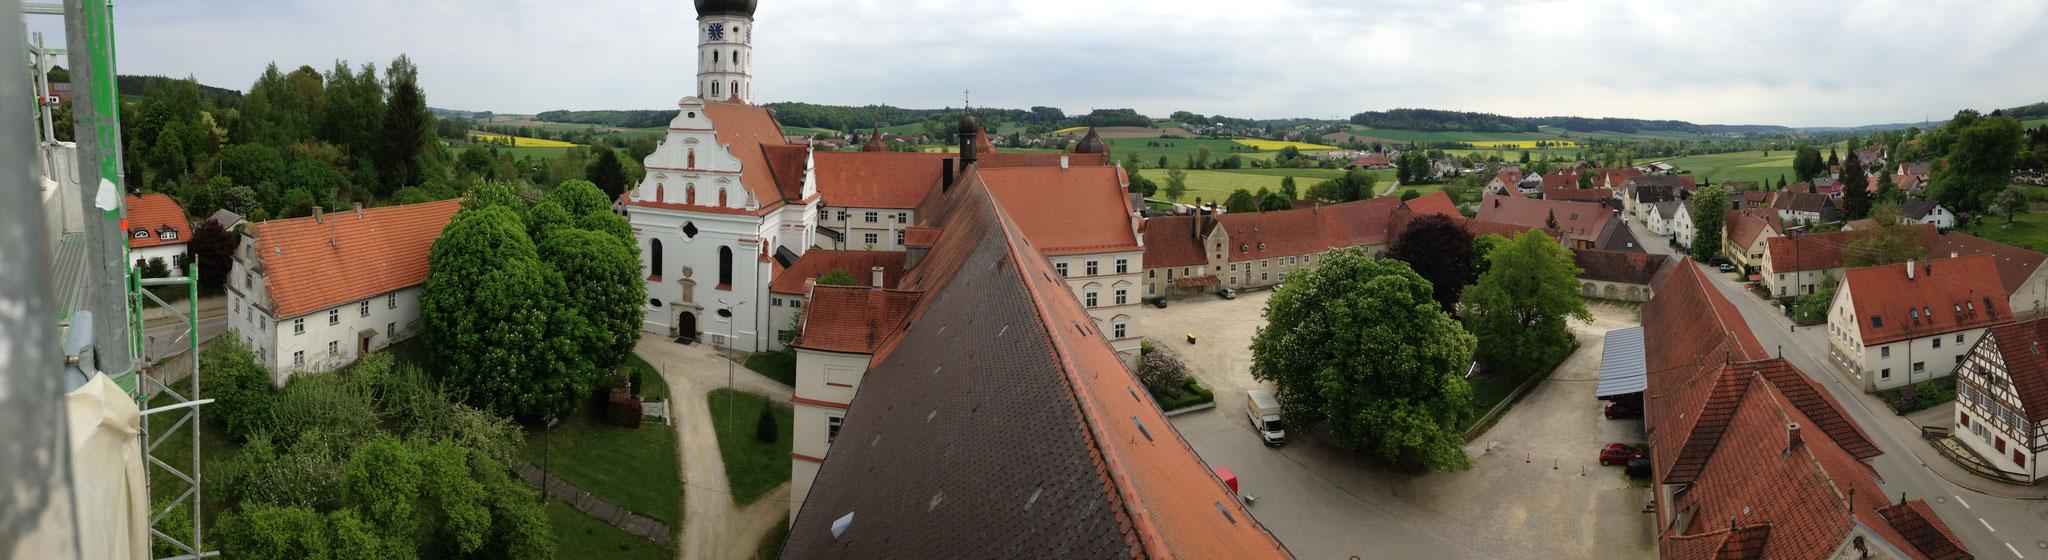 ... über Dorf und Kloster